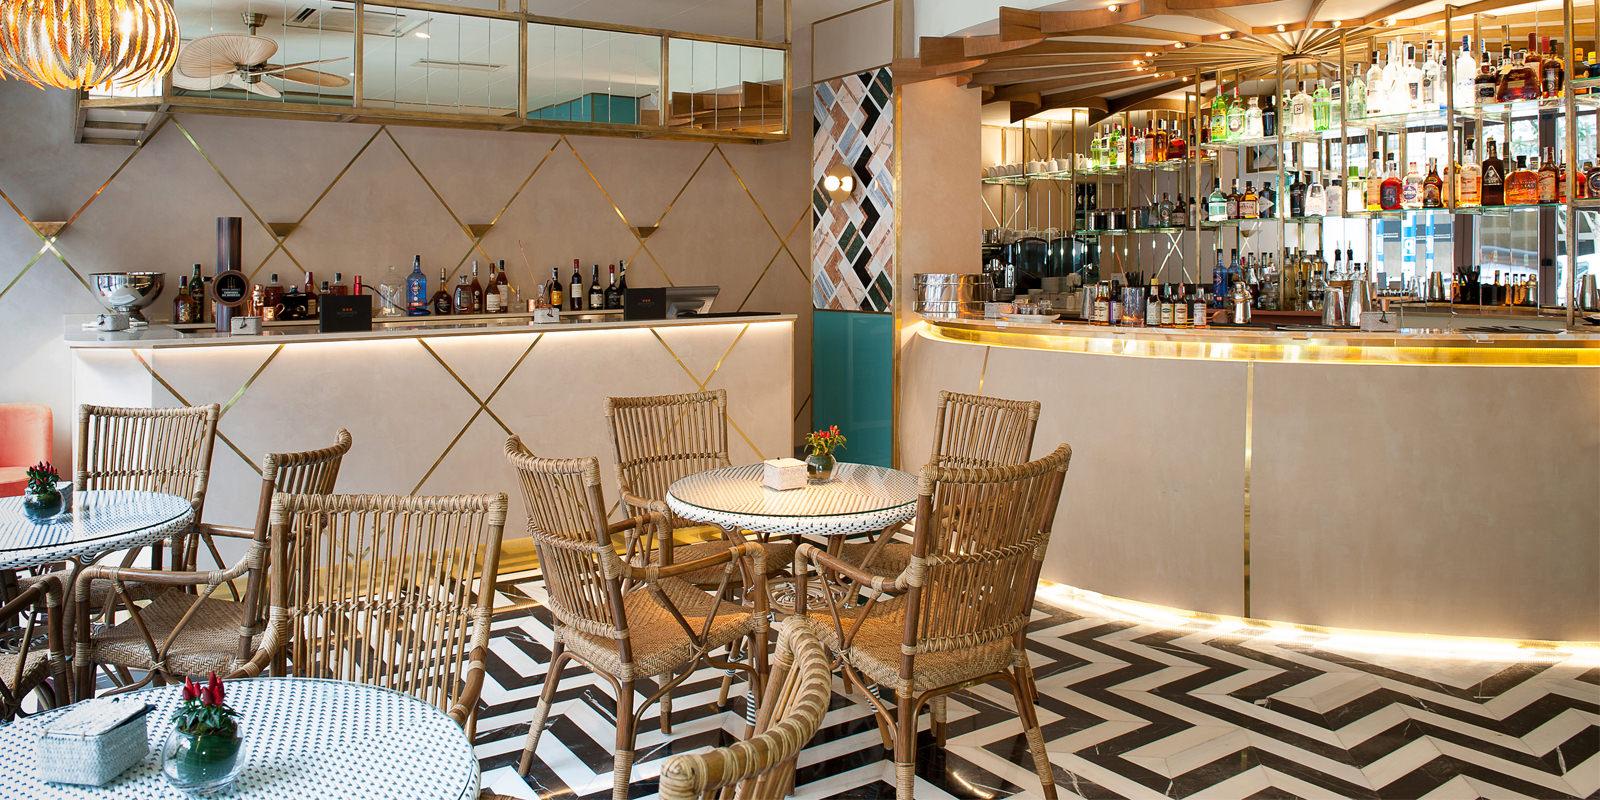 El Bar - Benares Madrid Restaurante Indio de alta cocina